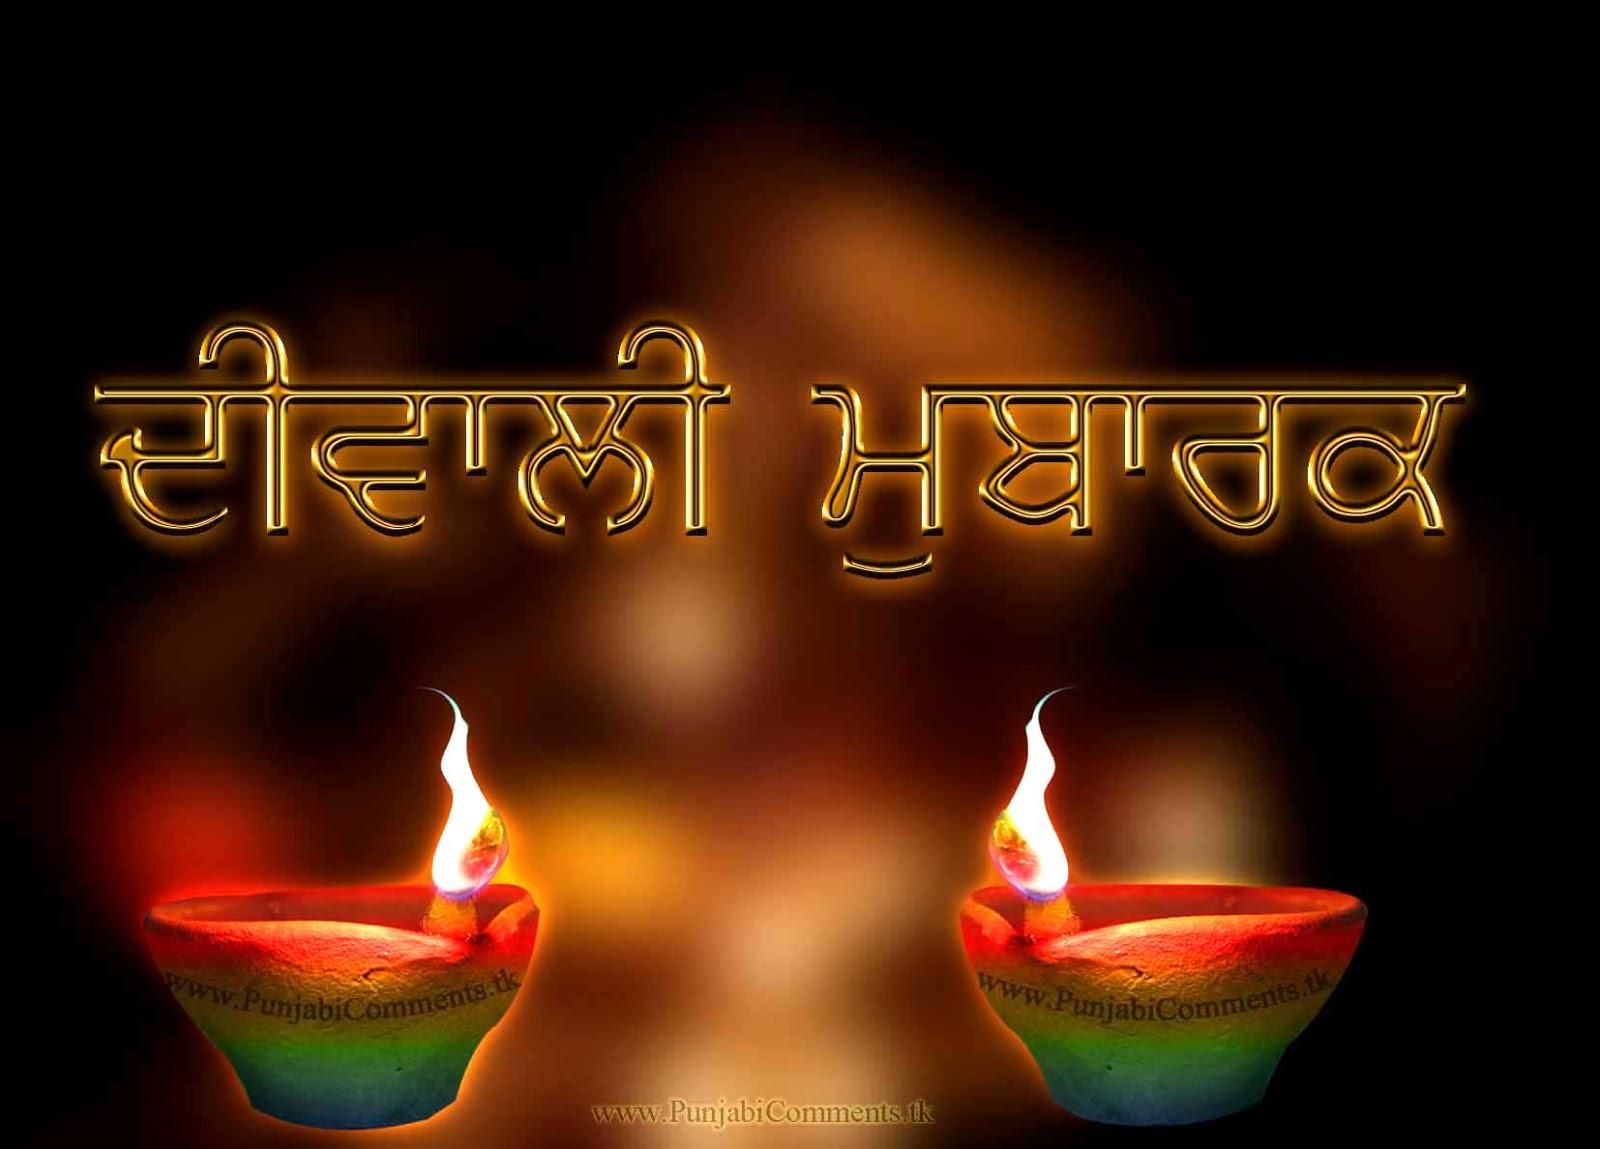 http://3.bp.blogspot.com/-Ji19PARe8eo/UJz8jNzZQ1I/AAAAAAAACyU/M7M1JJ85PYA/s1600/punjabi+diwali+mubarak.jpg